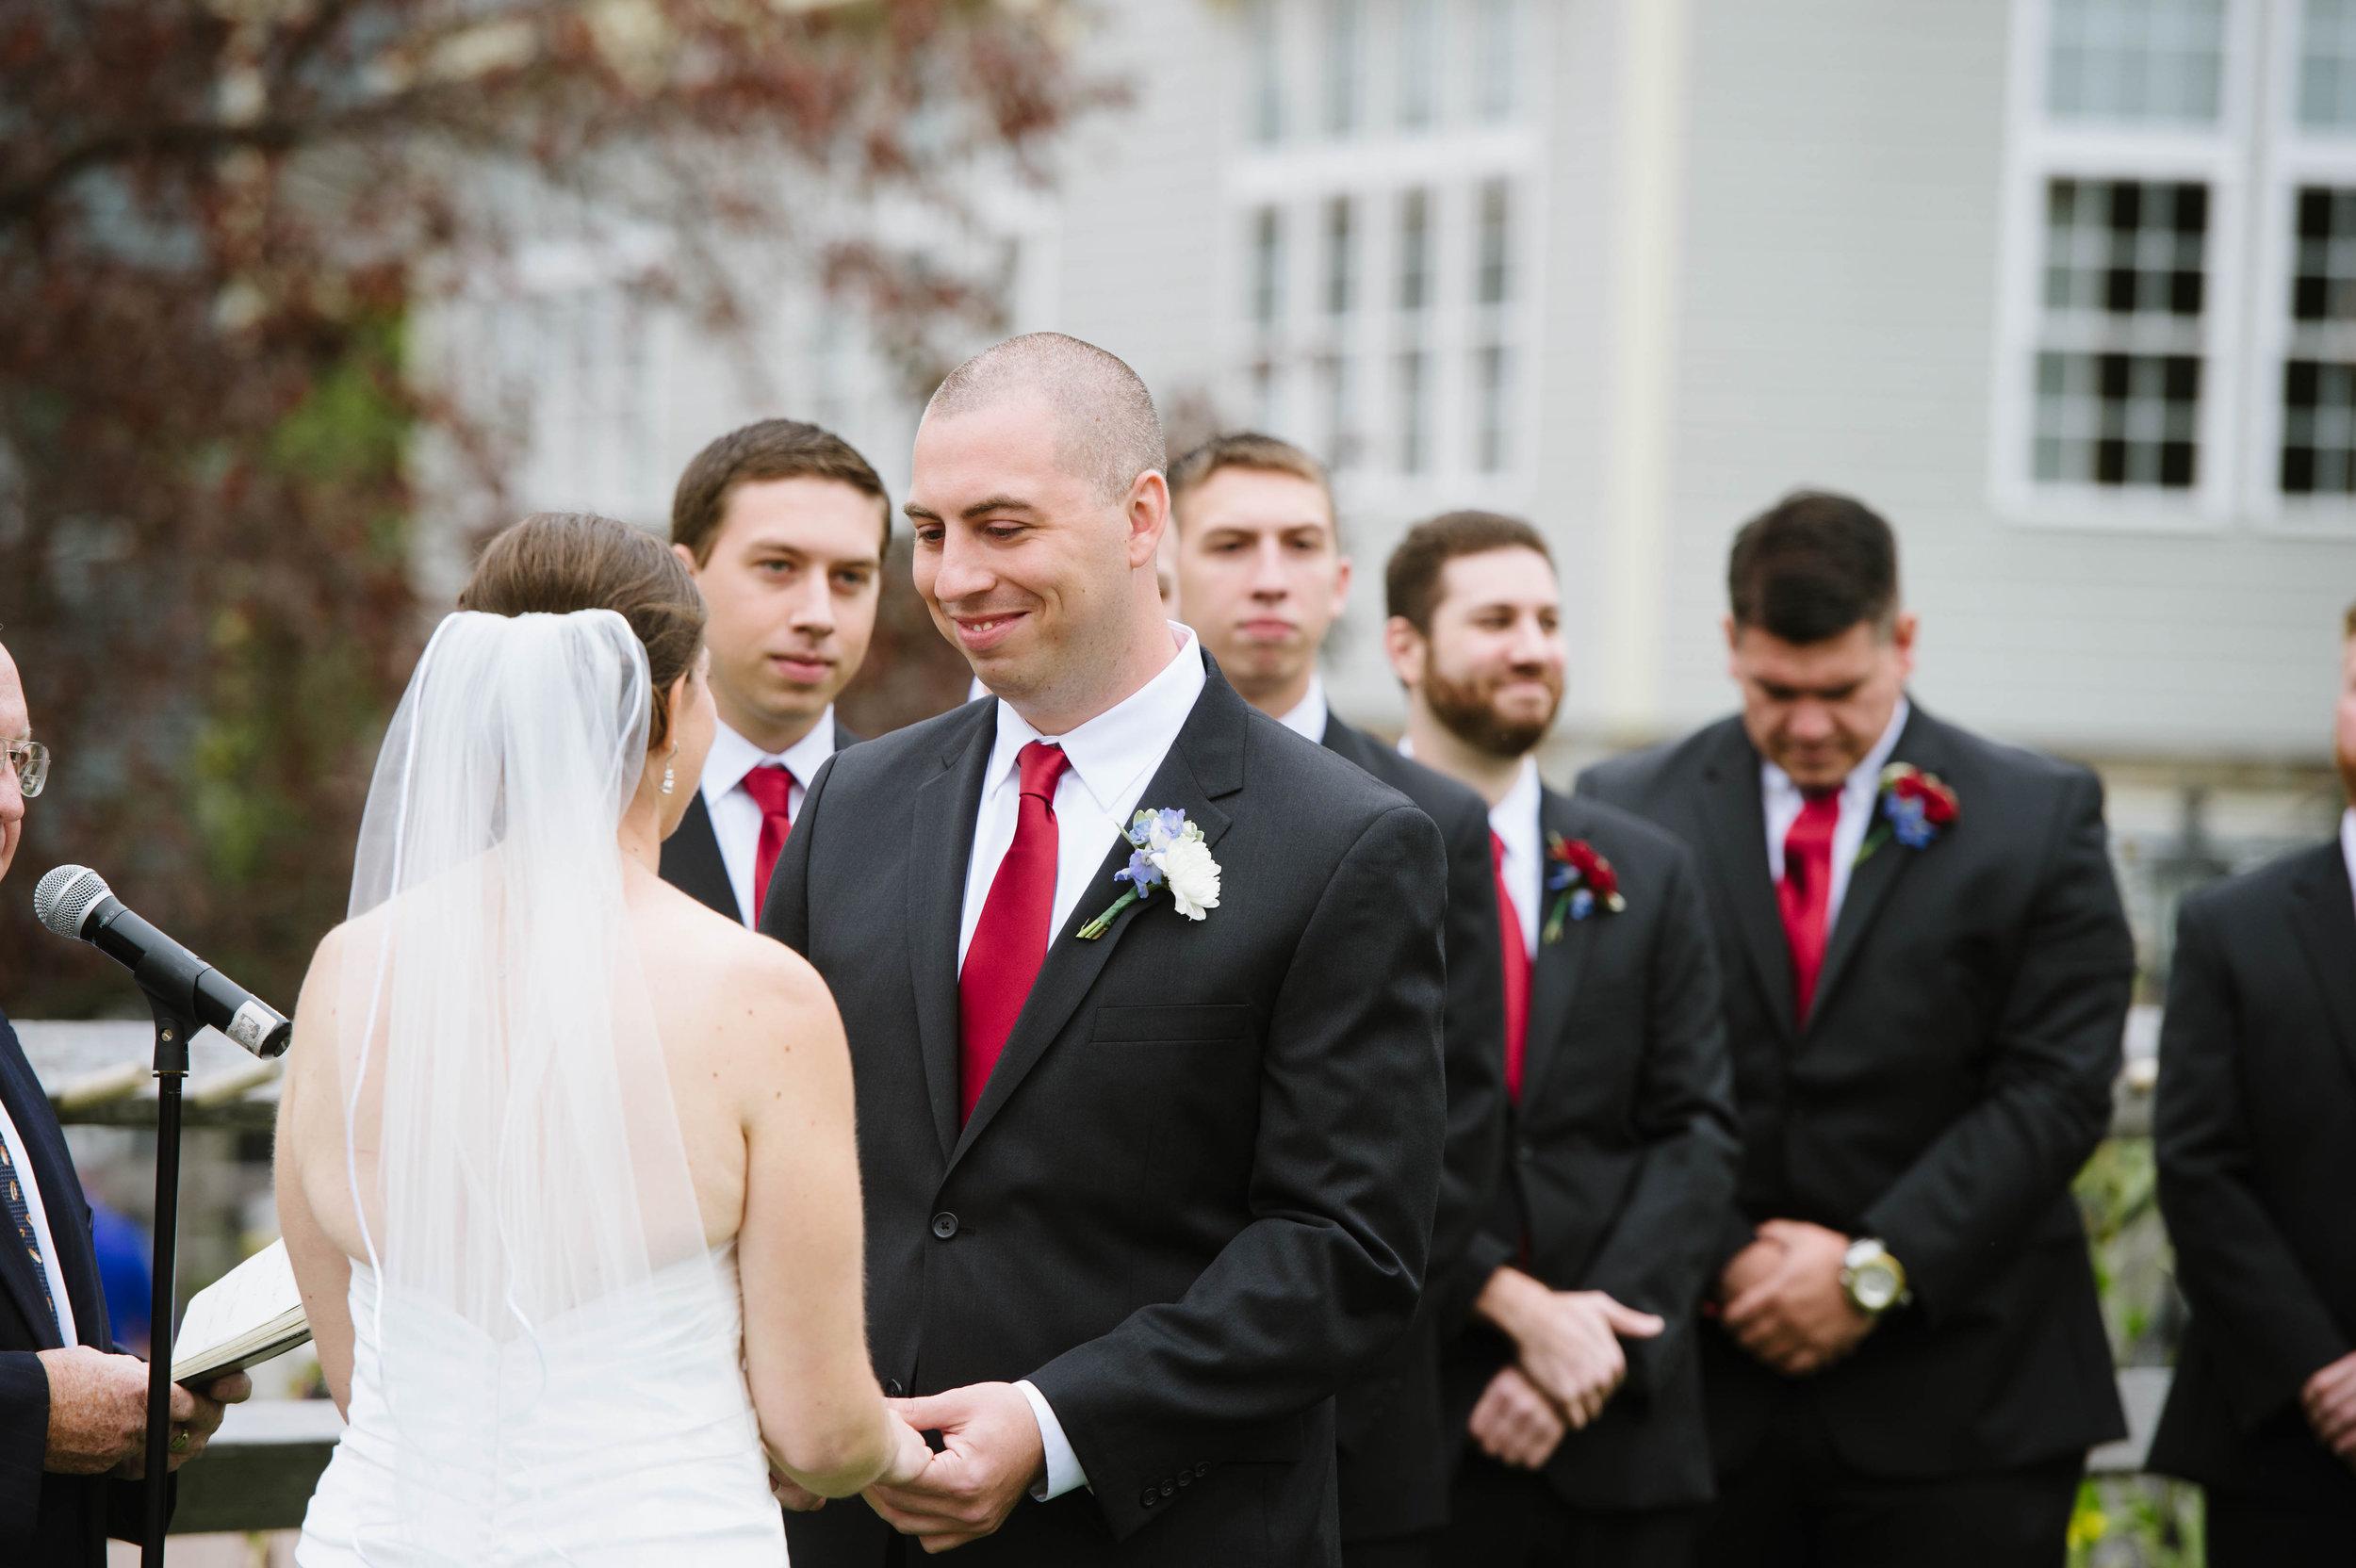 Candid-Wedding-Photography-Massachusetts007.jpg